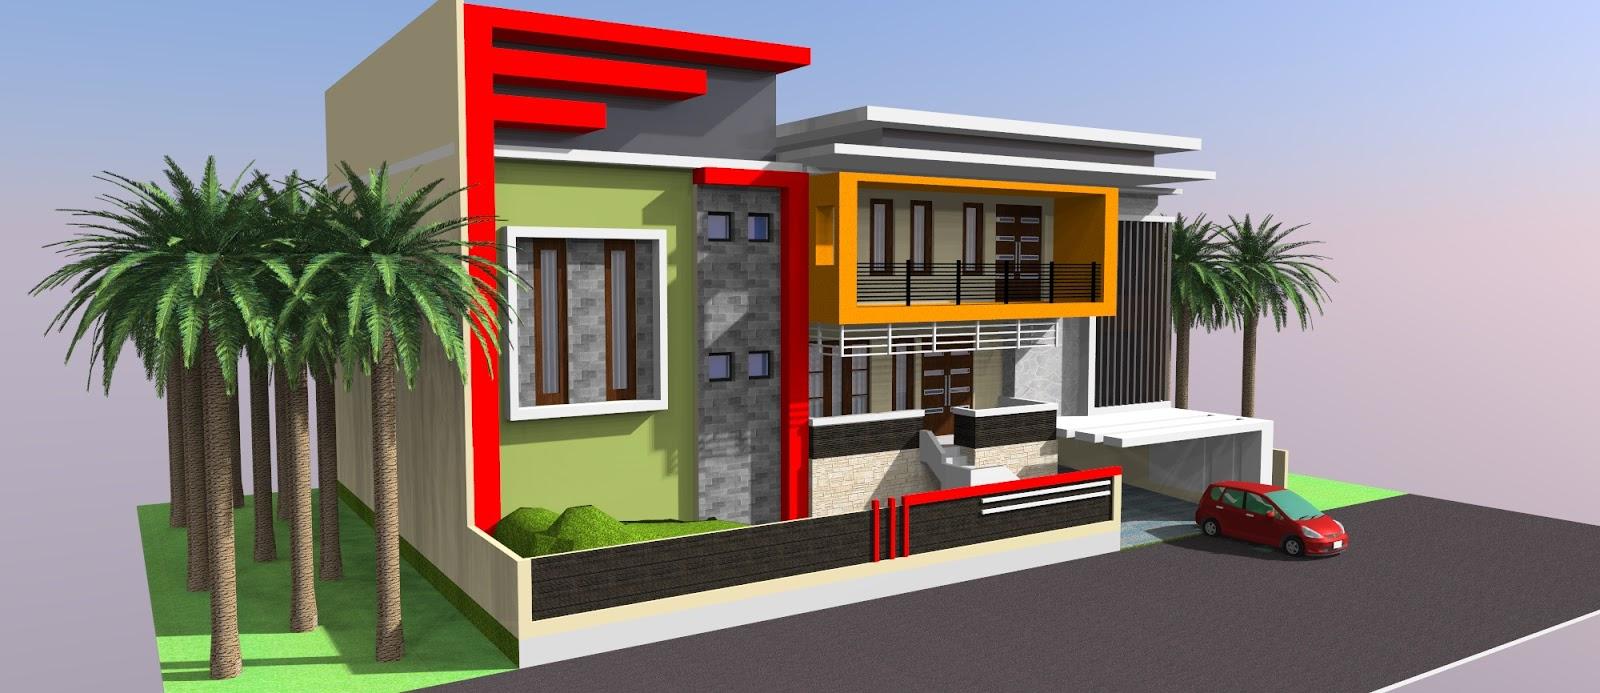 belajar ILLUSTRATOR Jasa Desain Rumah 2D 3D minimalis modern